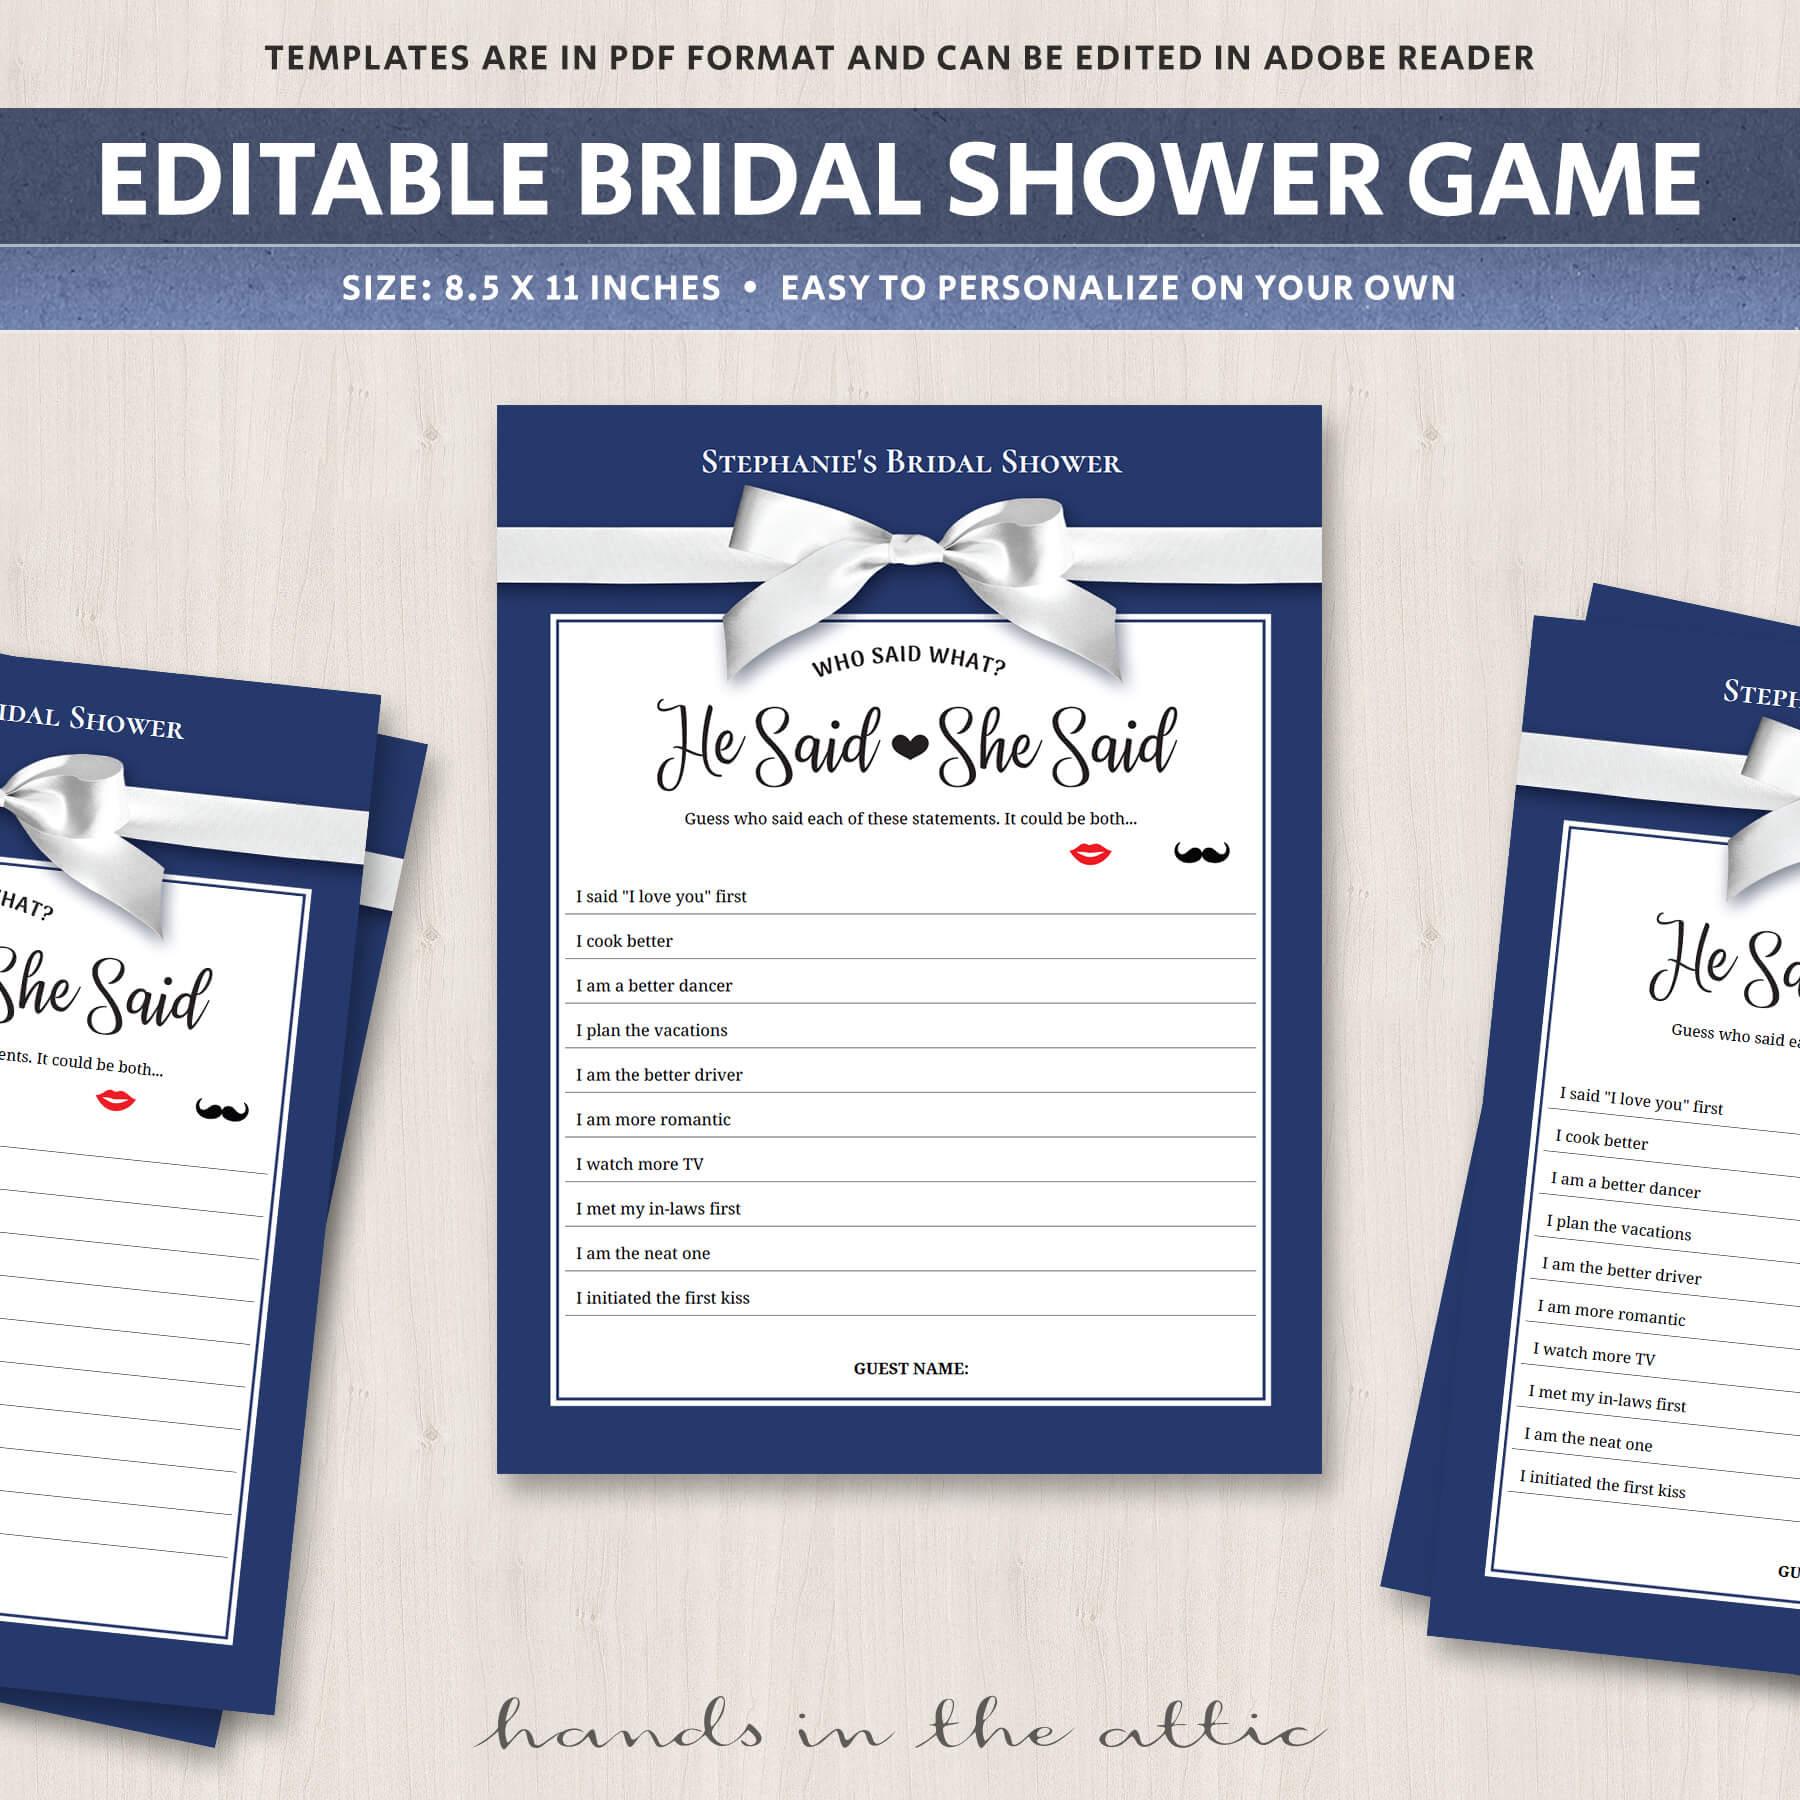 co ed bridal shower games